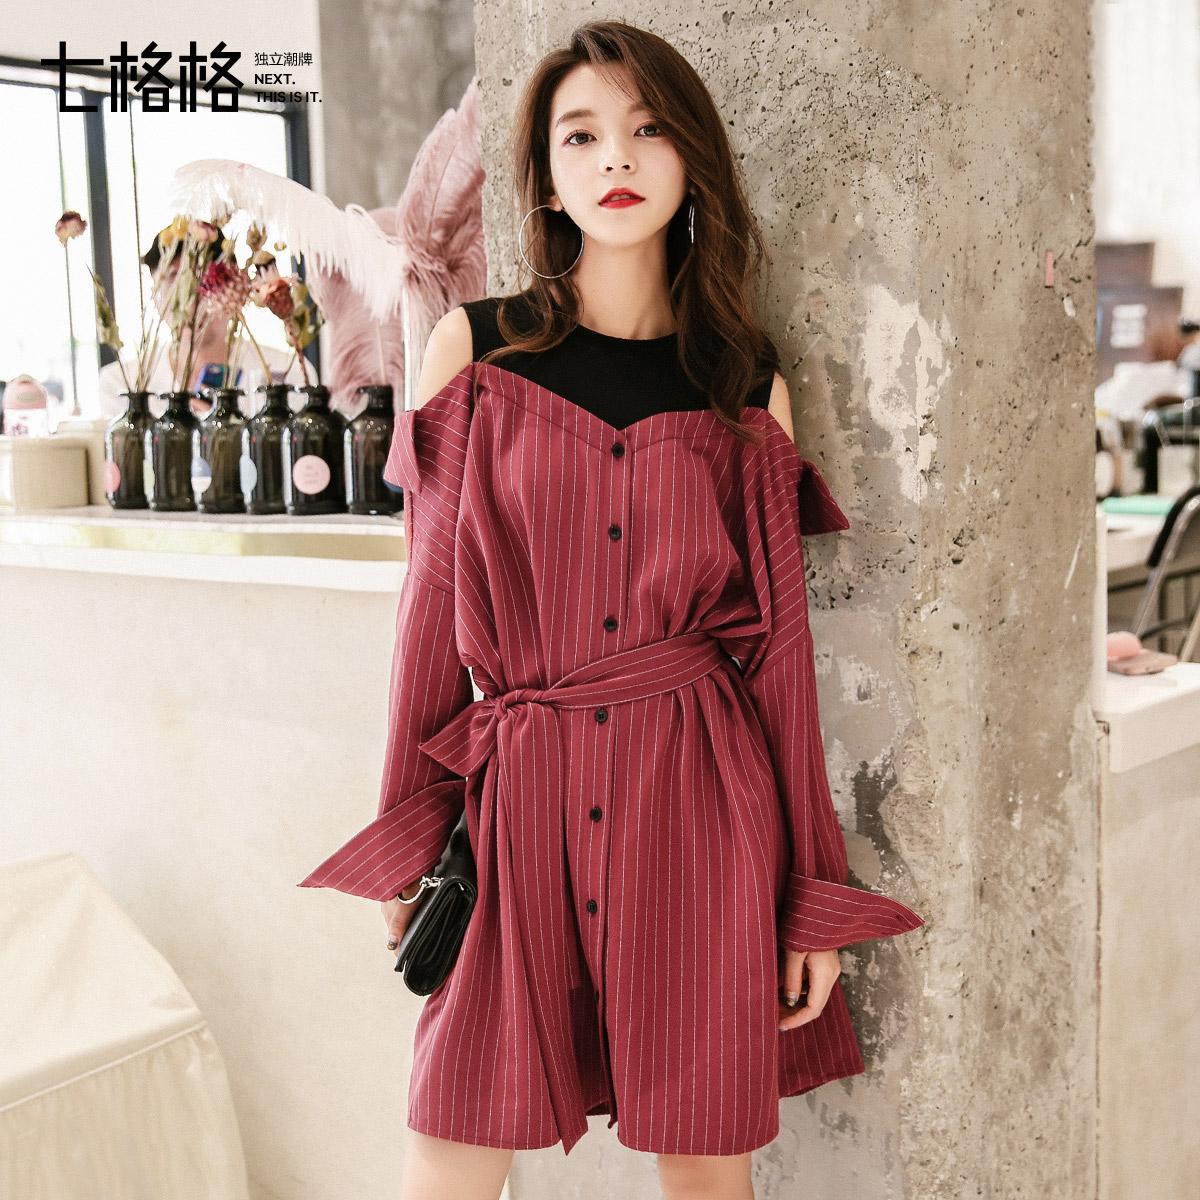 假两件套连衣裙拼接漏肩露肩2017秋装新款女装韩版时尚长袖衬衫裙